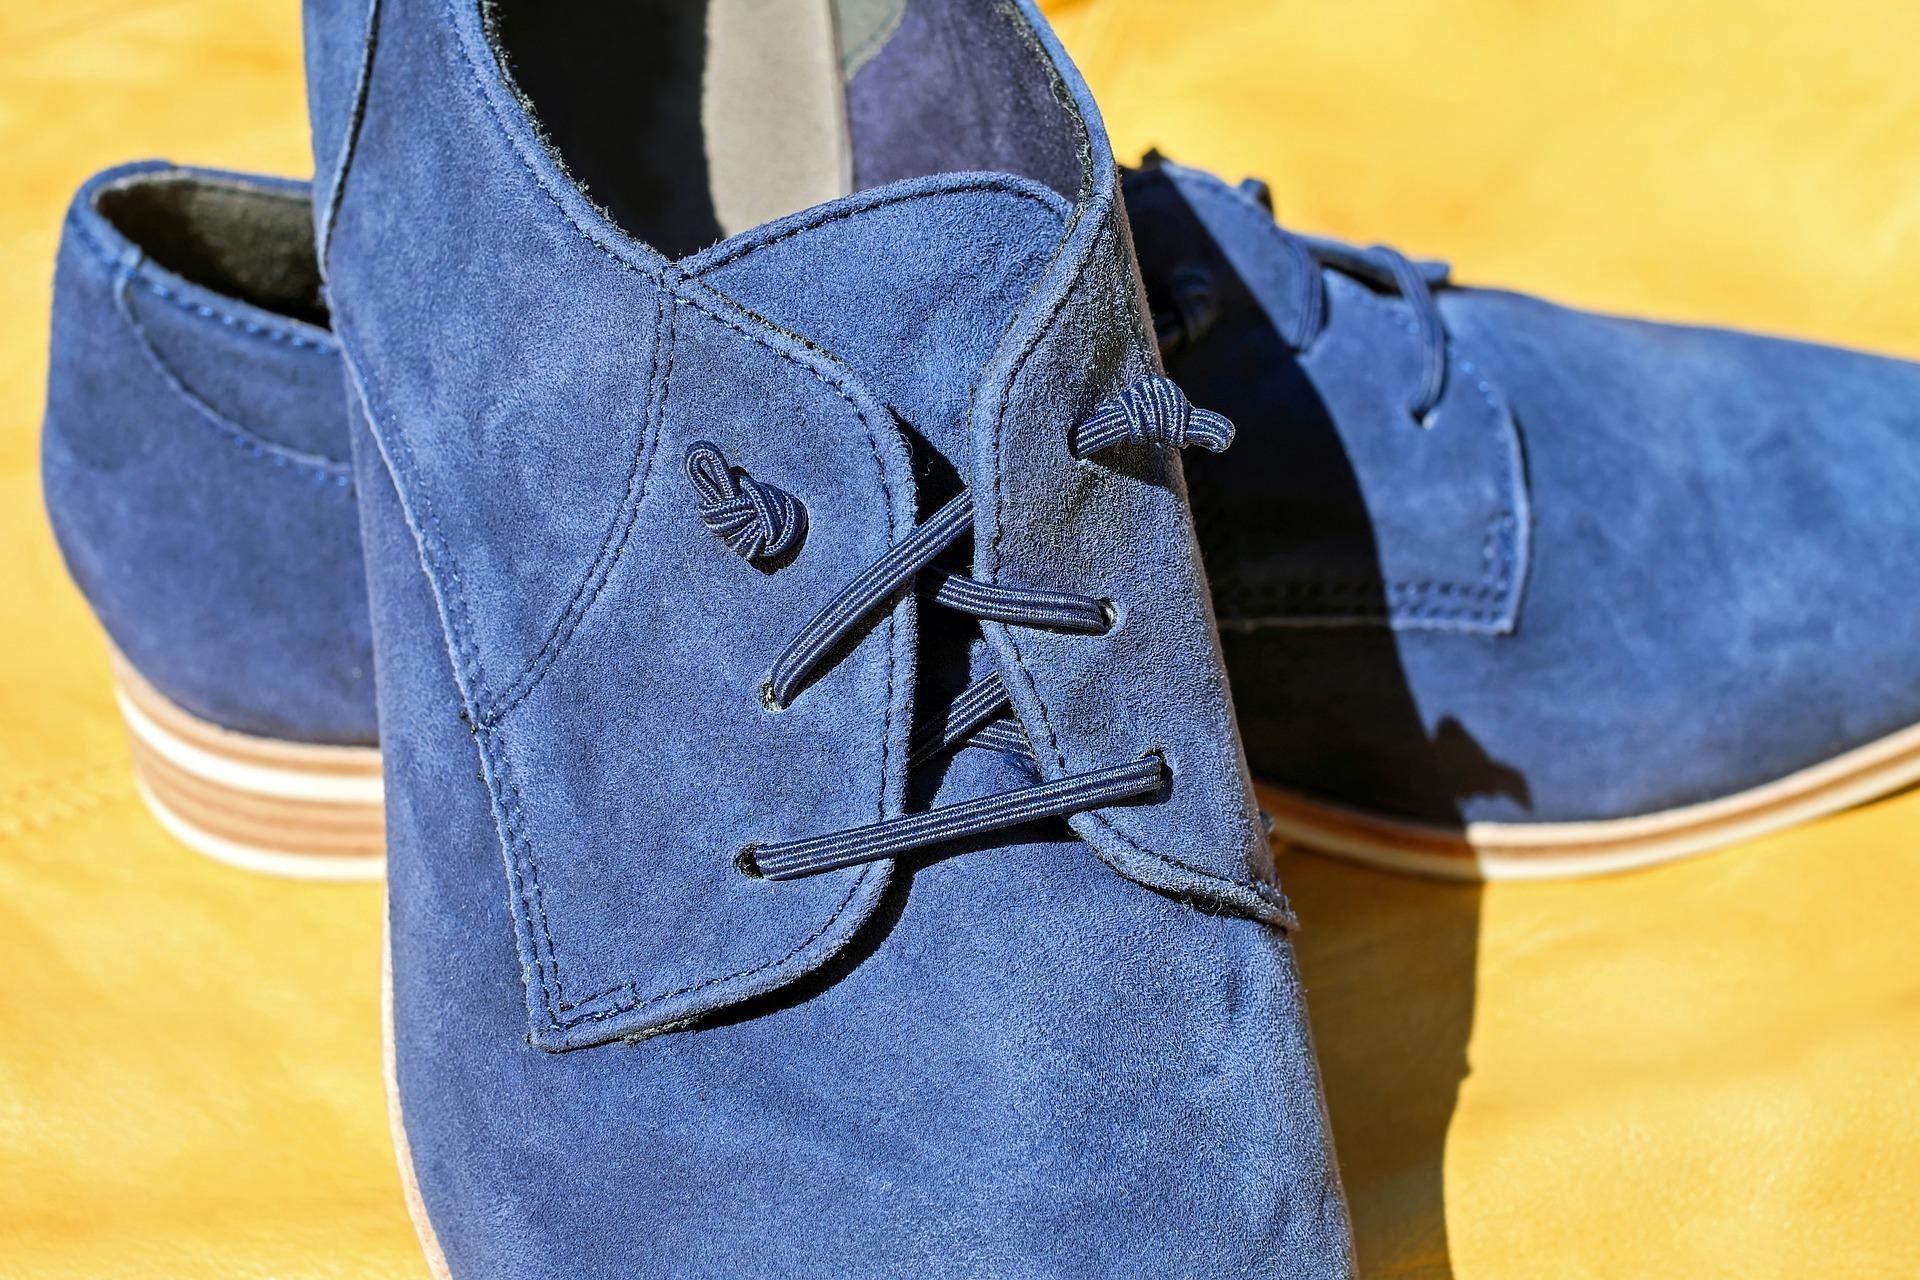 Ausgefallene Schuhe - unauffällig auffallen auf men-styling.de